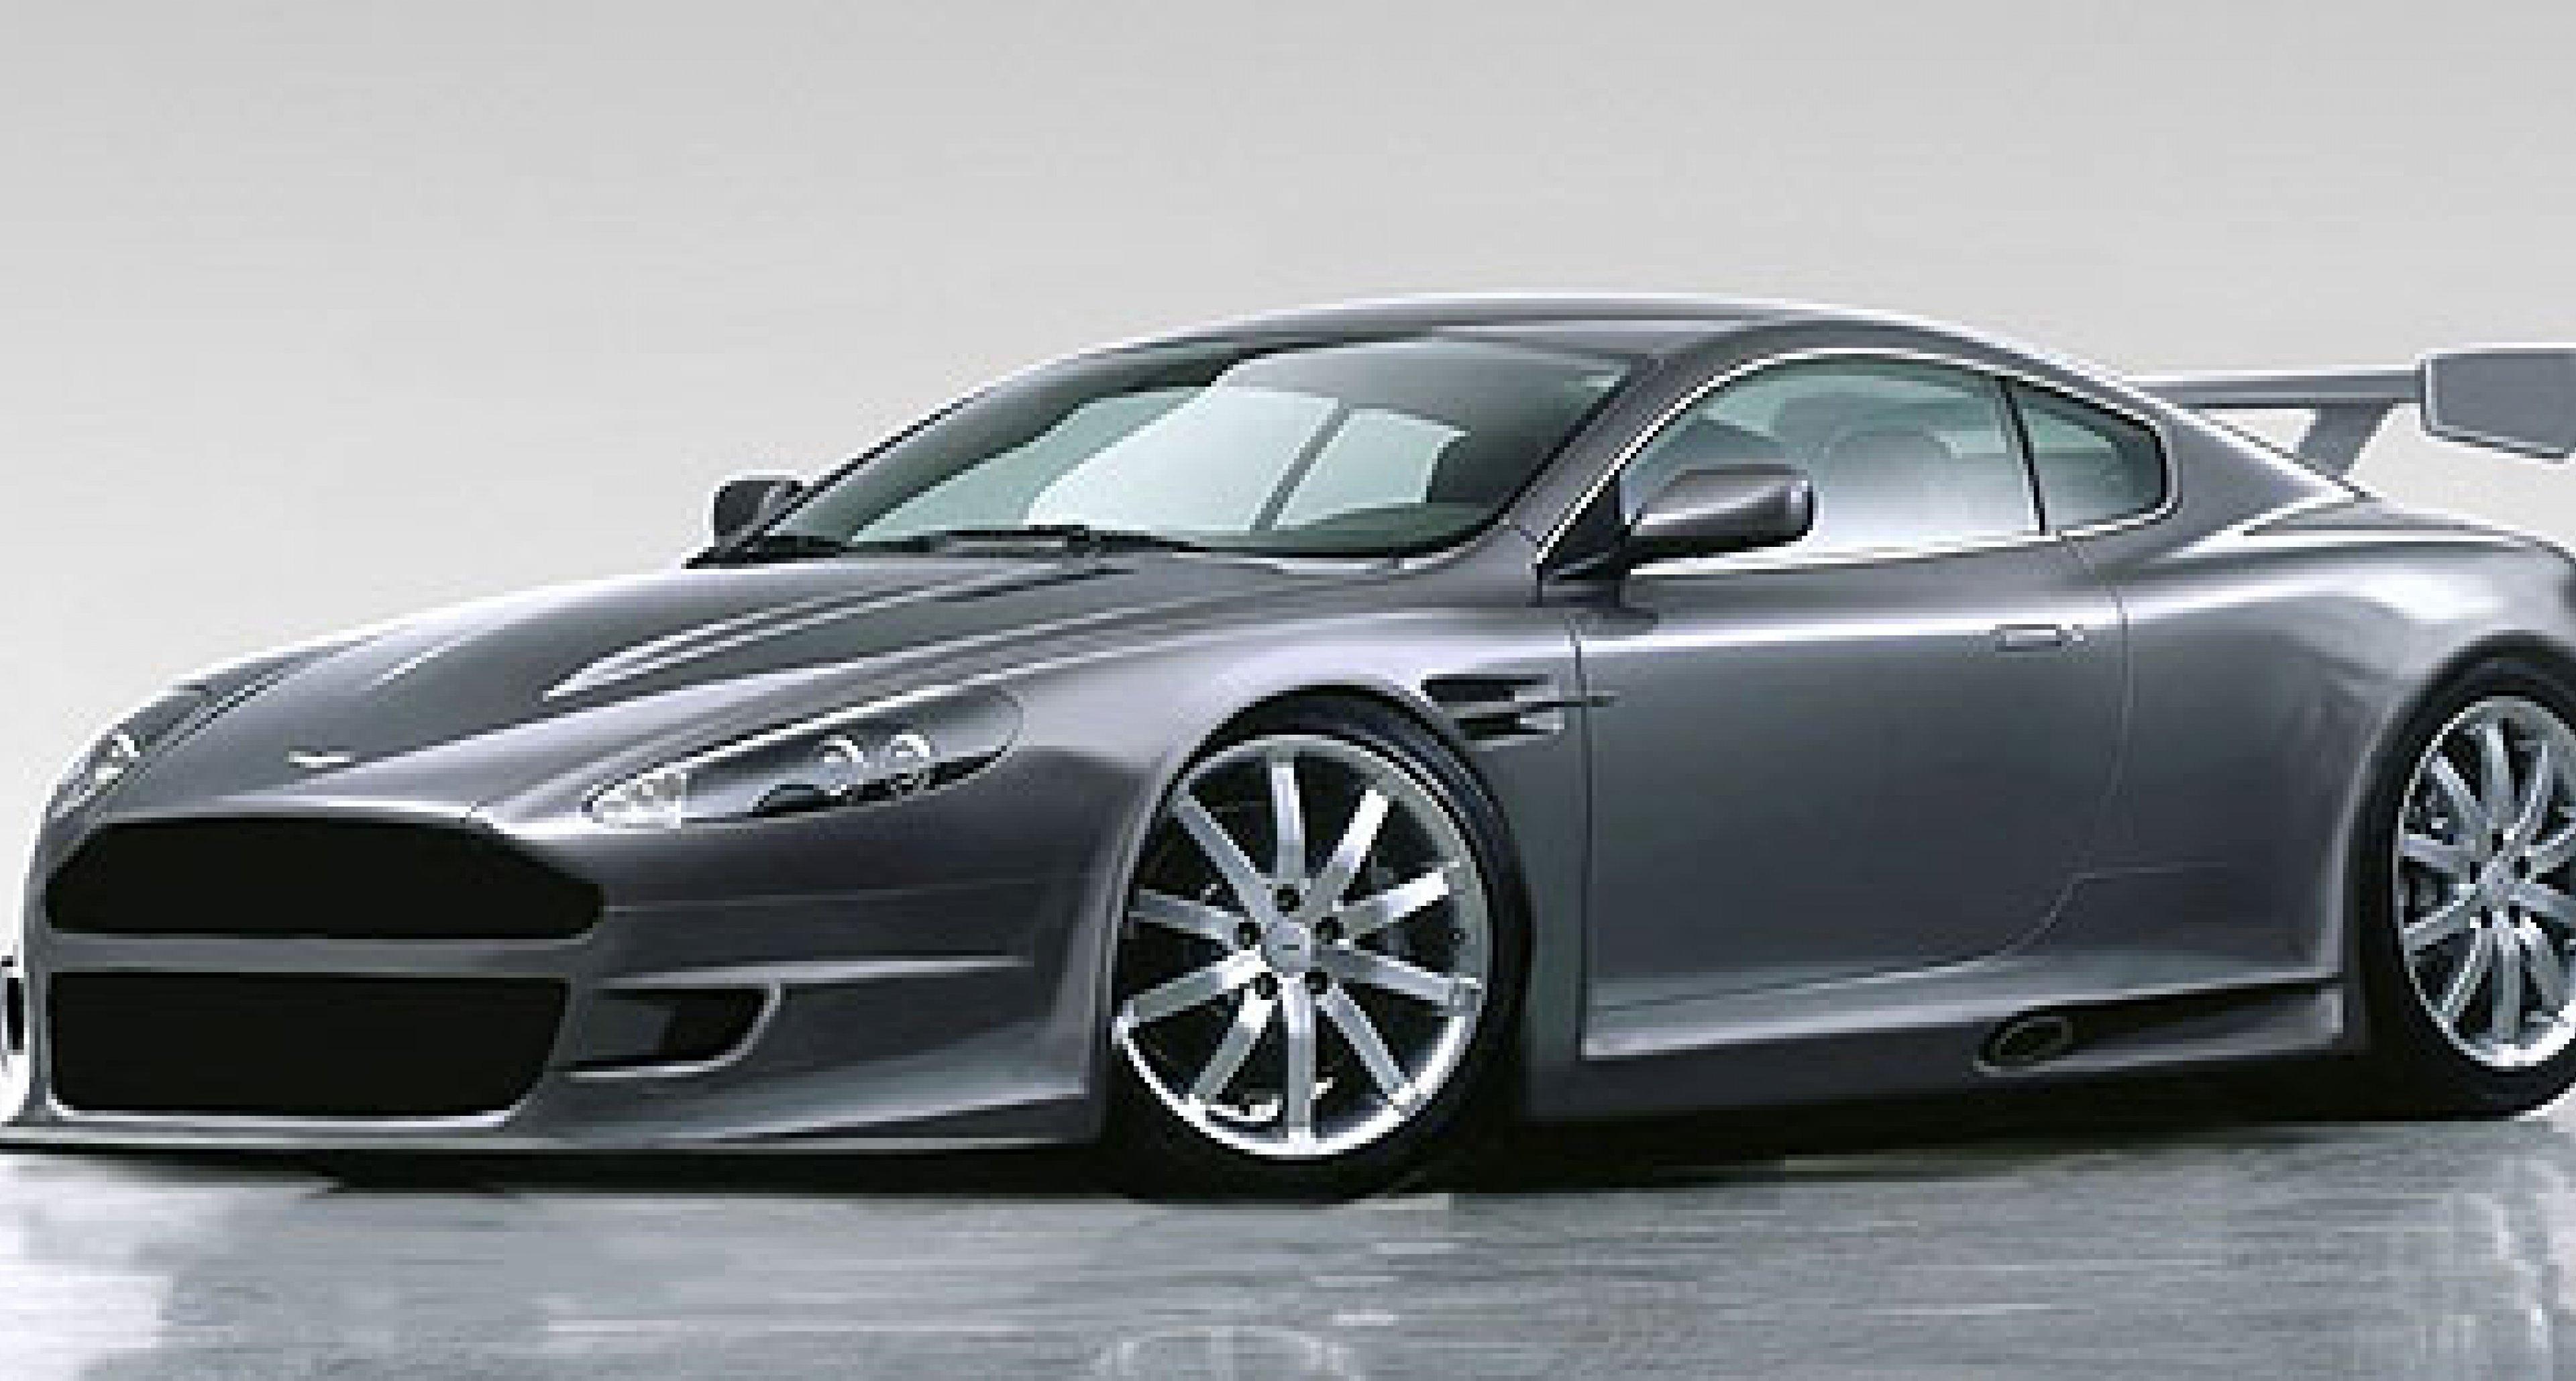 Aston Martin DBR9: Rennsport-Gene für den DB9